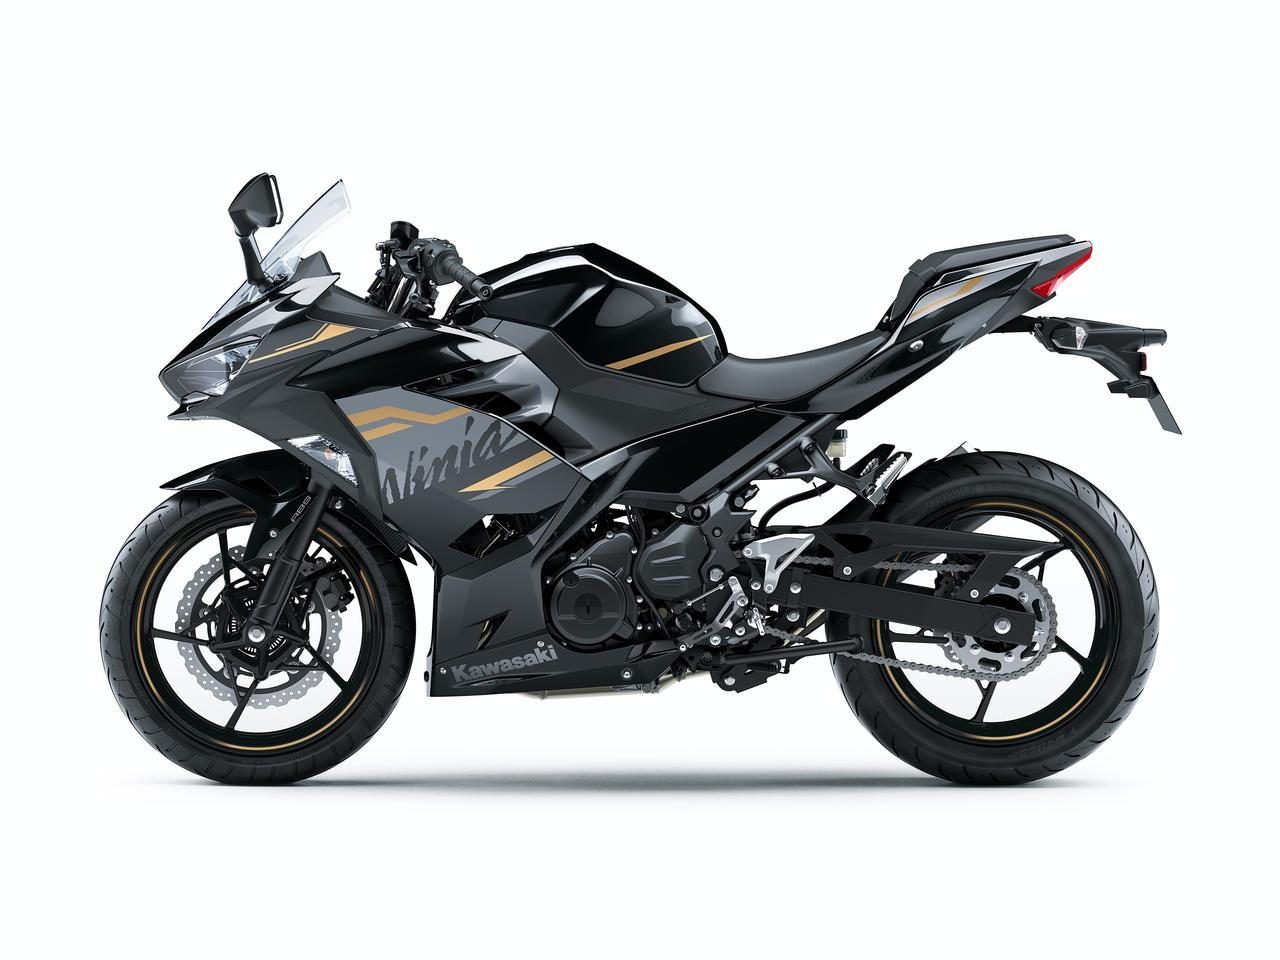 画像2: カワサキ「Ninja250」の2020年モデルは、Ninja400とそっくり!「Ninja 250 KRT EDITION」も合わせて9月1日(日)に発売!